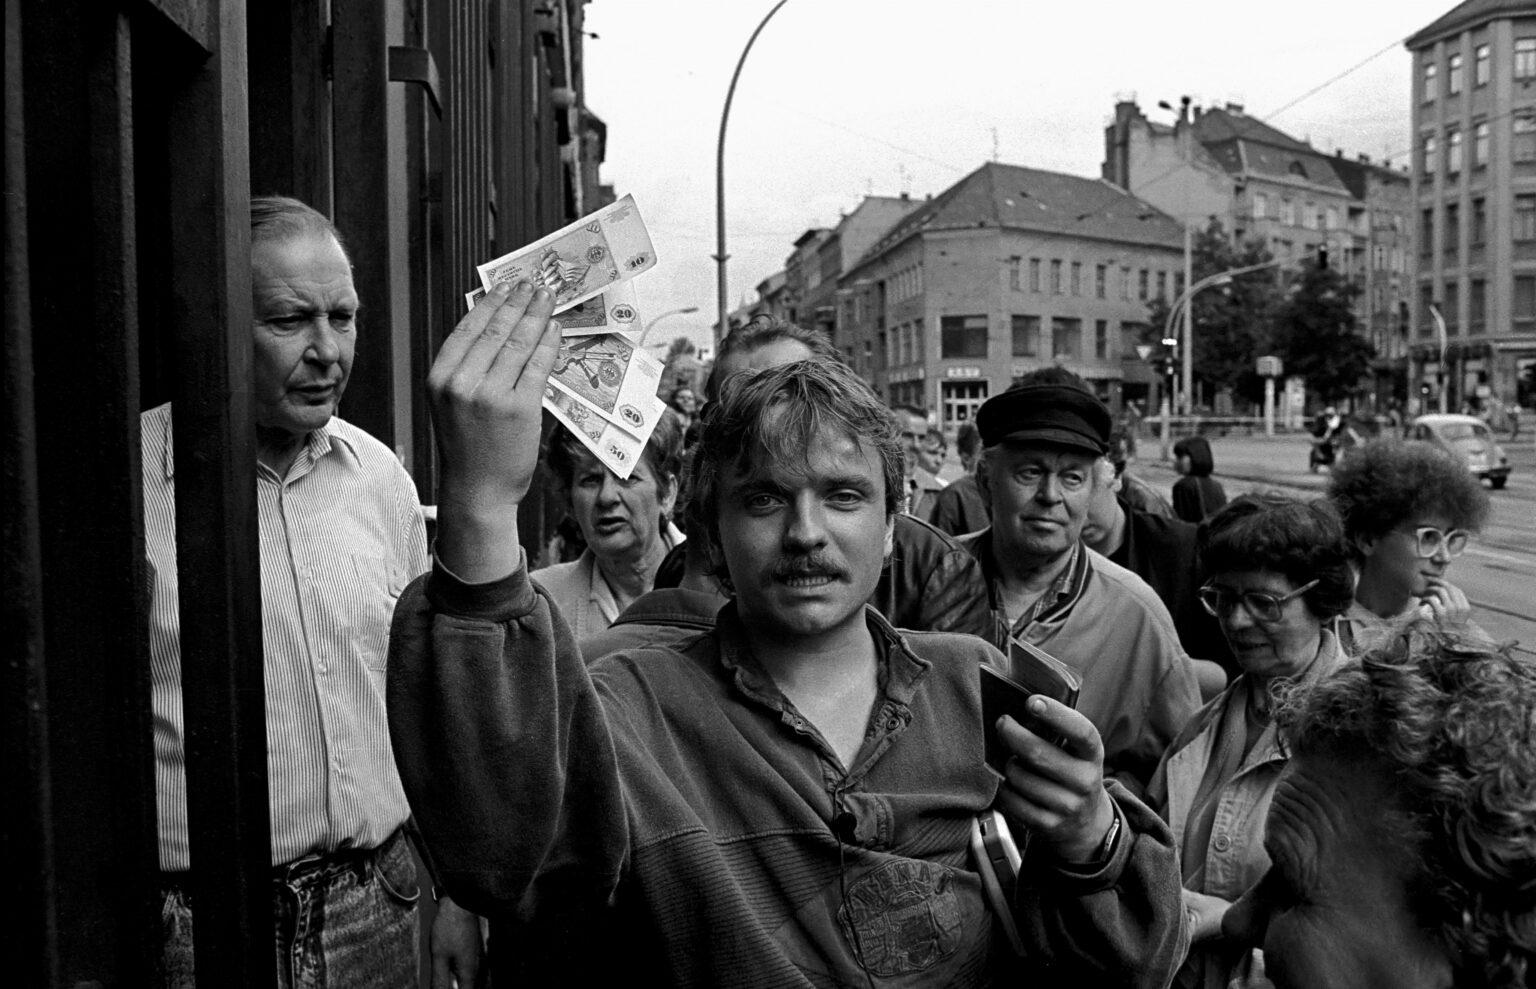 IMAGO / Rolf Zöllner